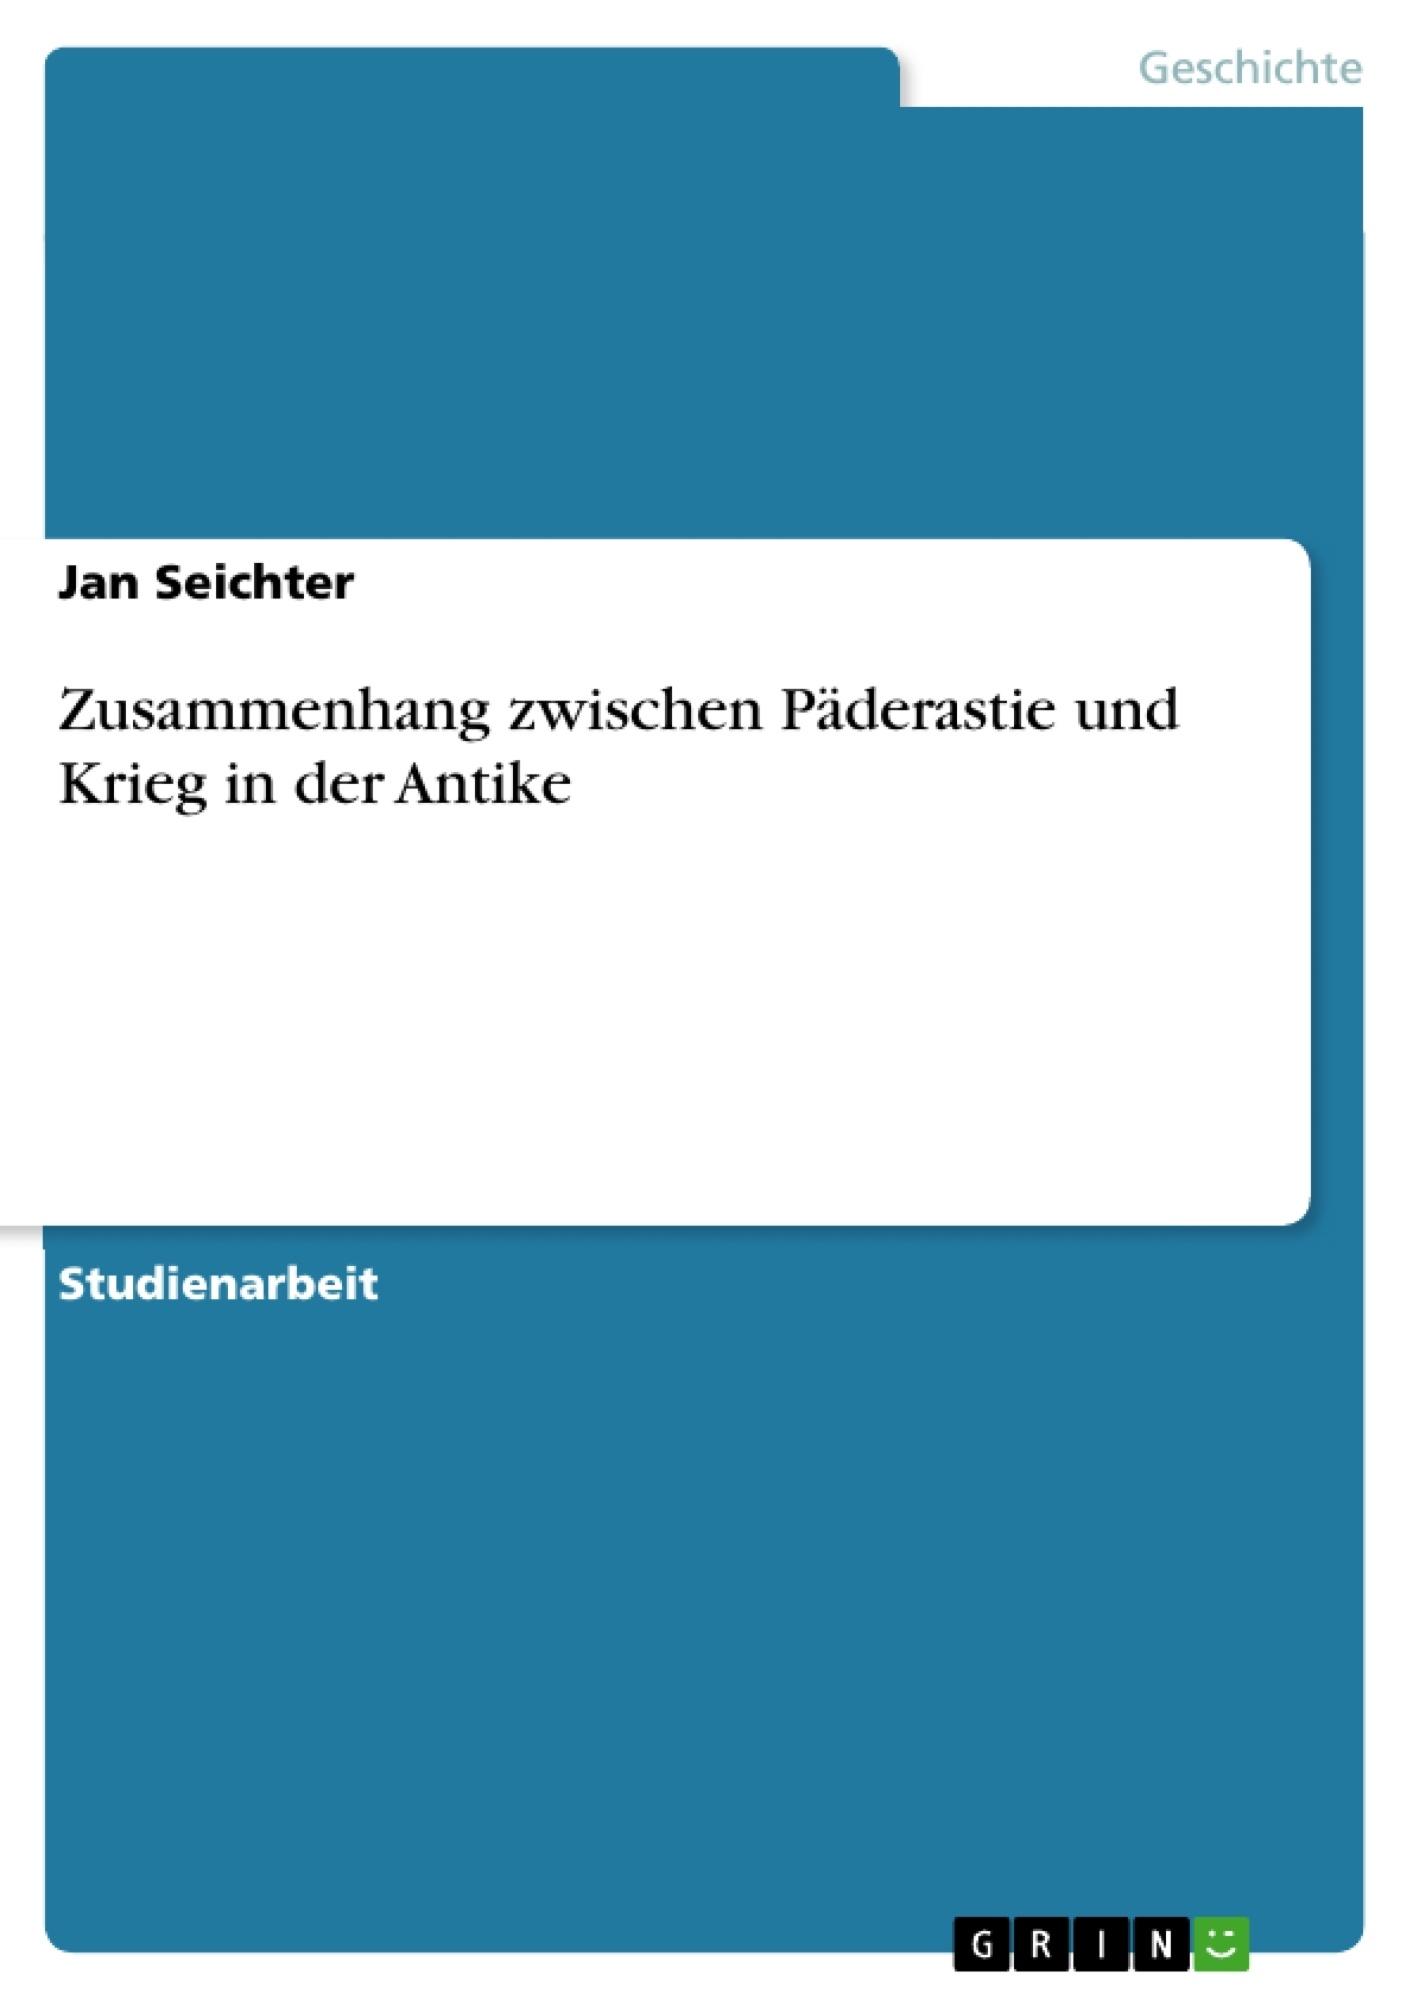 Titel: Zusammenhang zwischen Päderastie und Krieg in der Antike